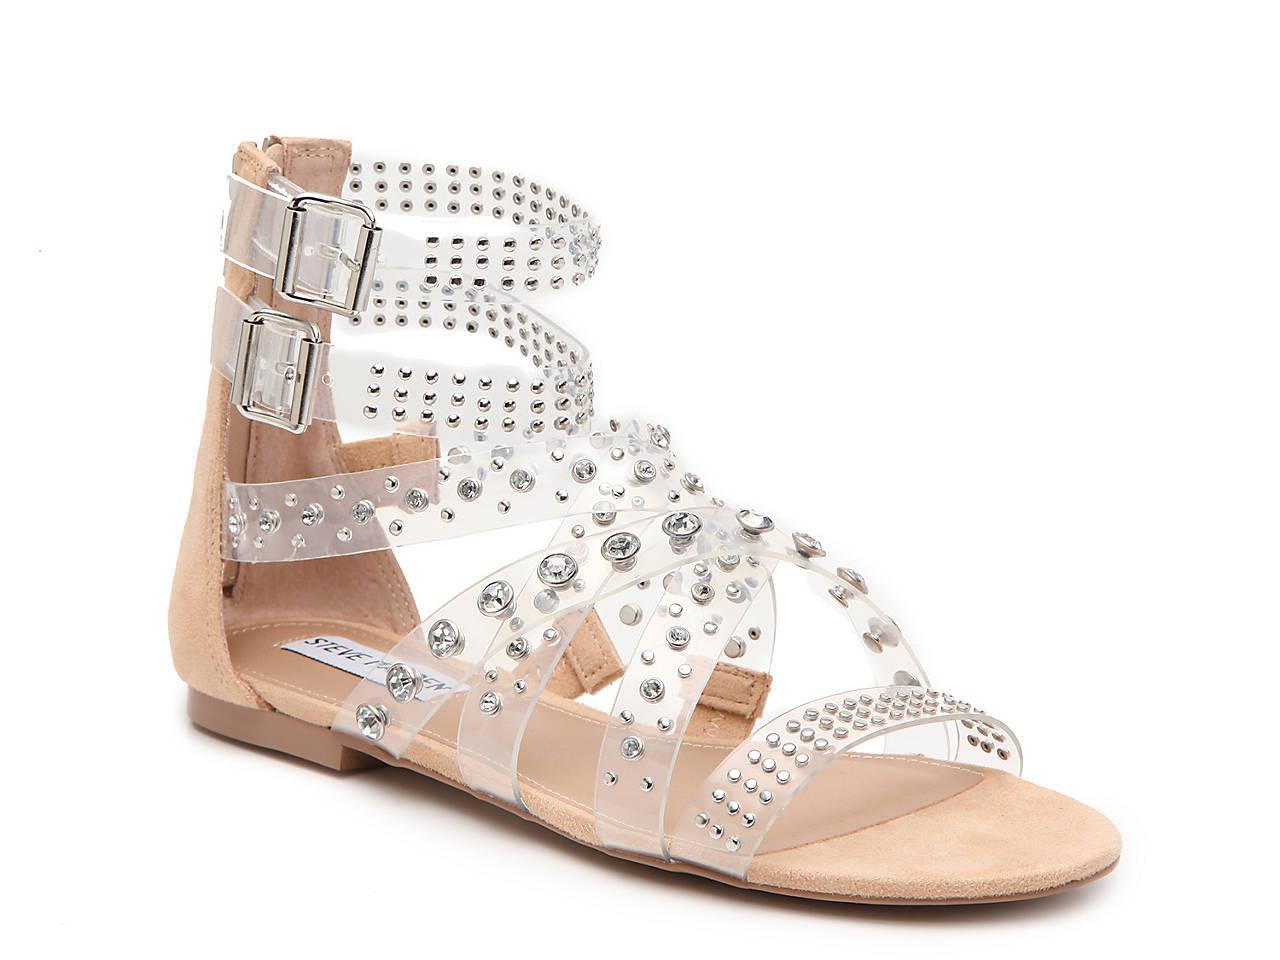 d2ba5a1f729 Steve Madden Shift Gladiator Sandal Women s Shoes